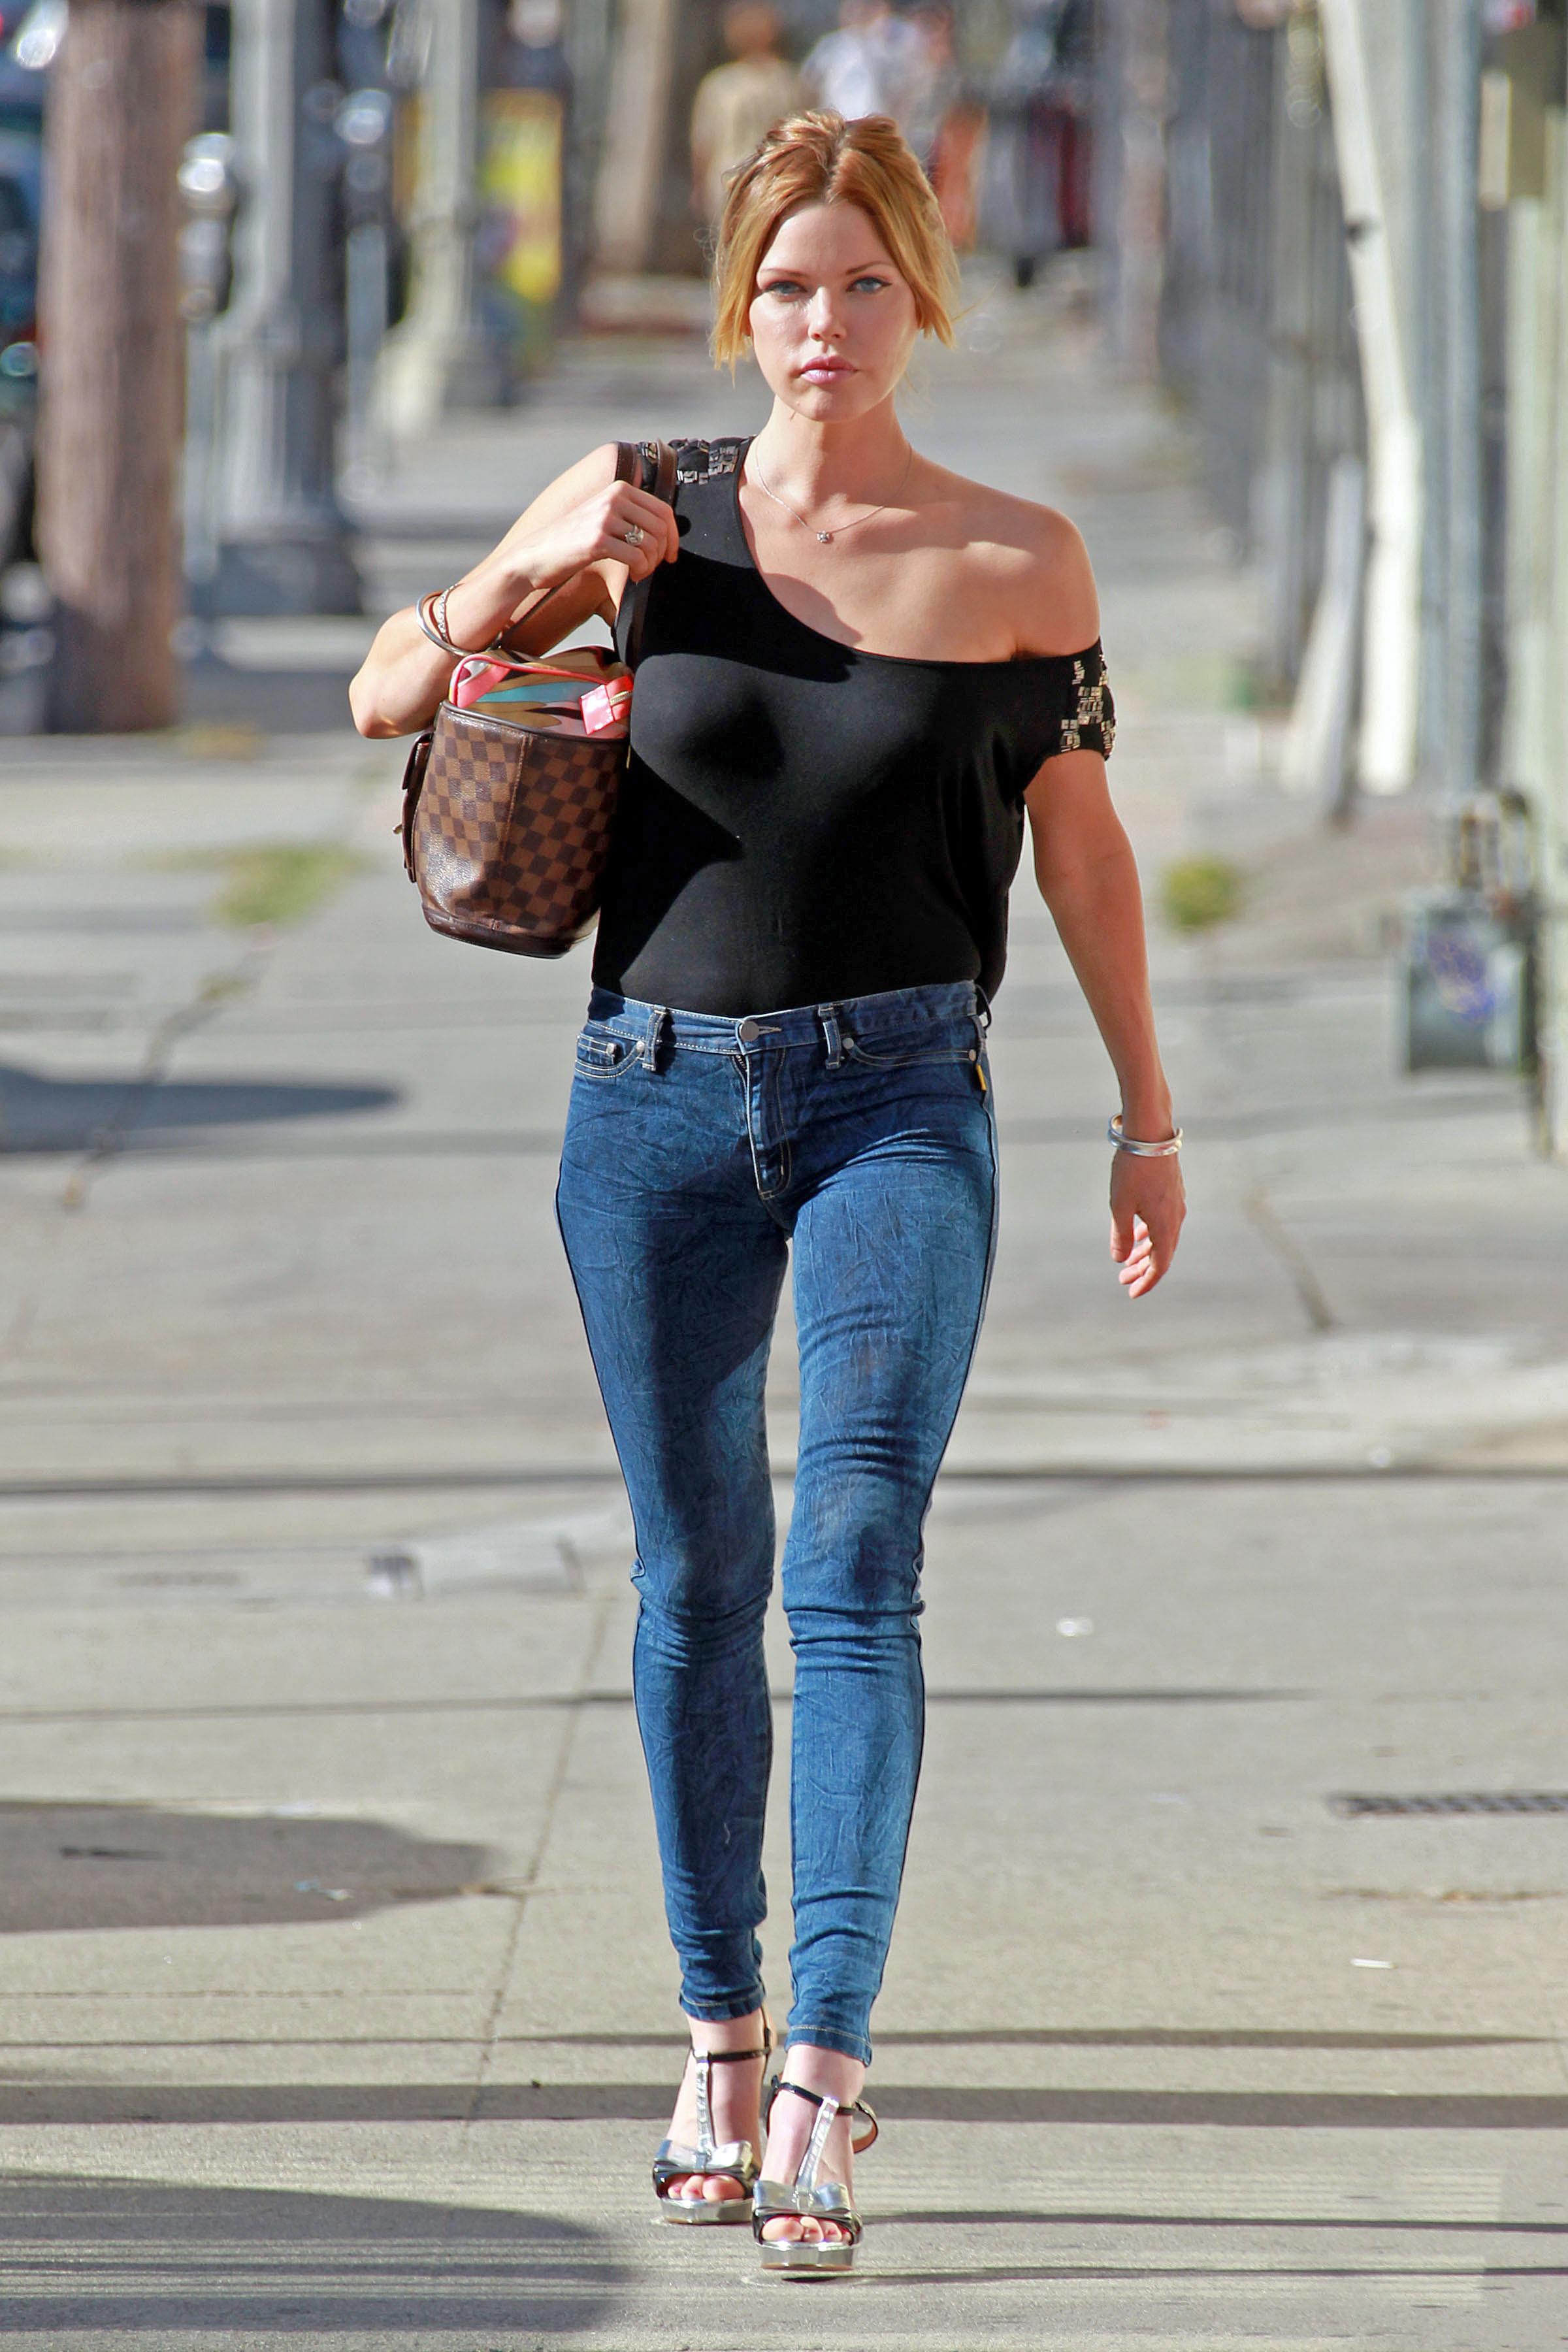 Sophie Monk Black T Shirt Candids 01 Gotceleb